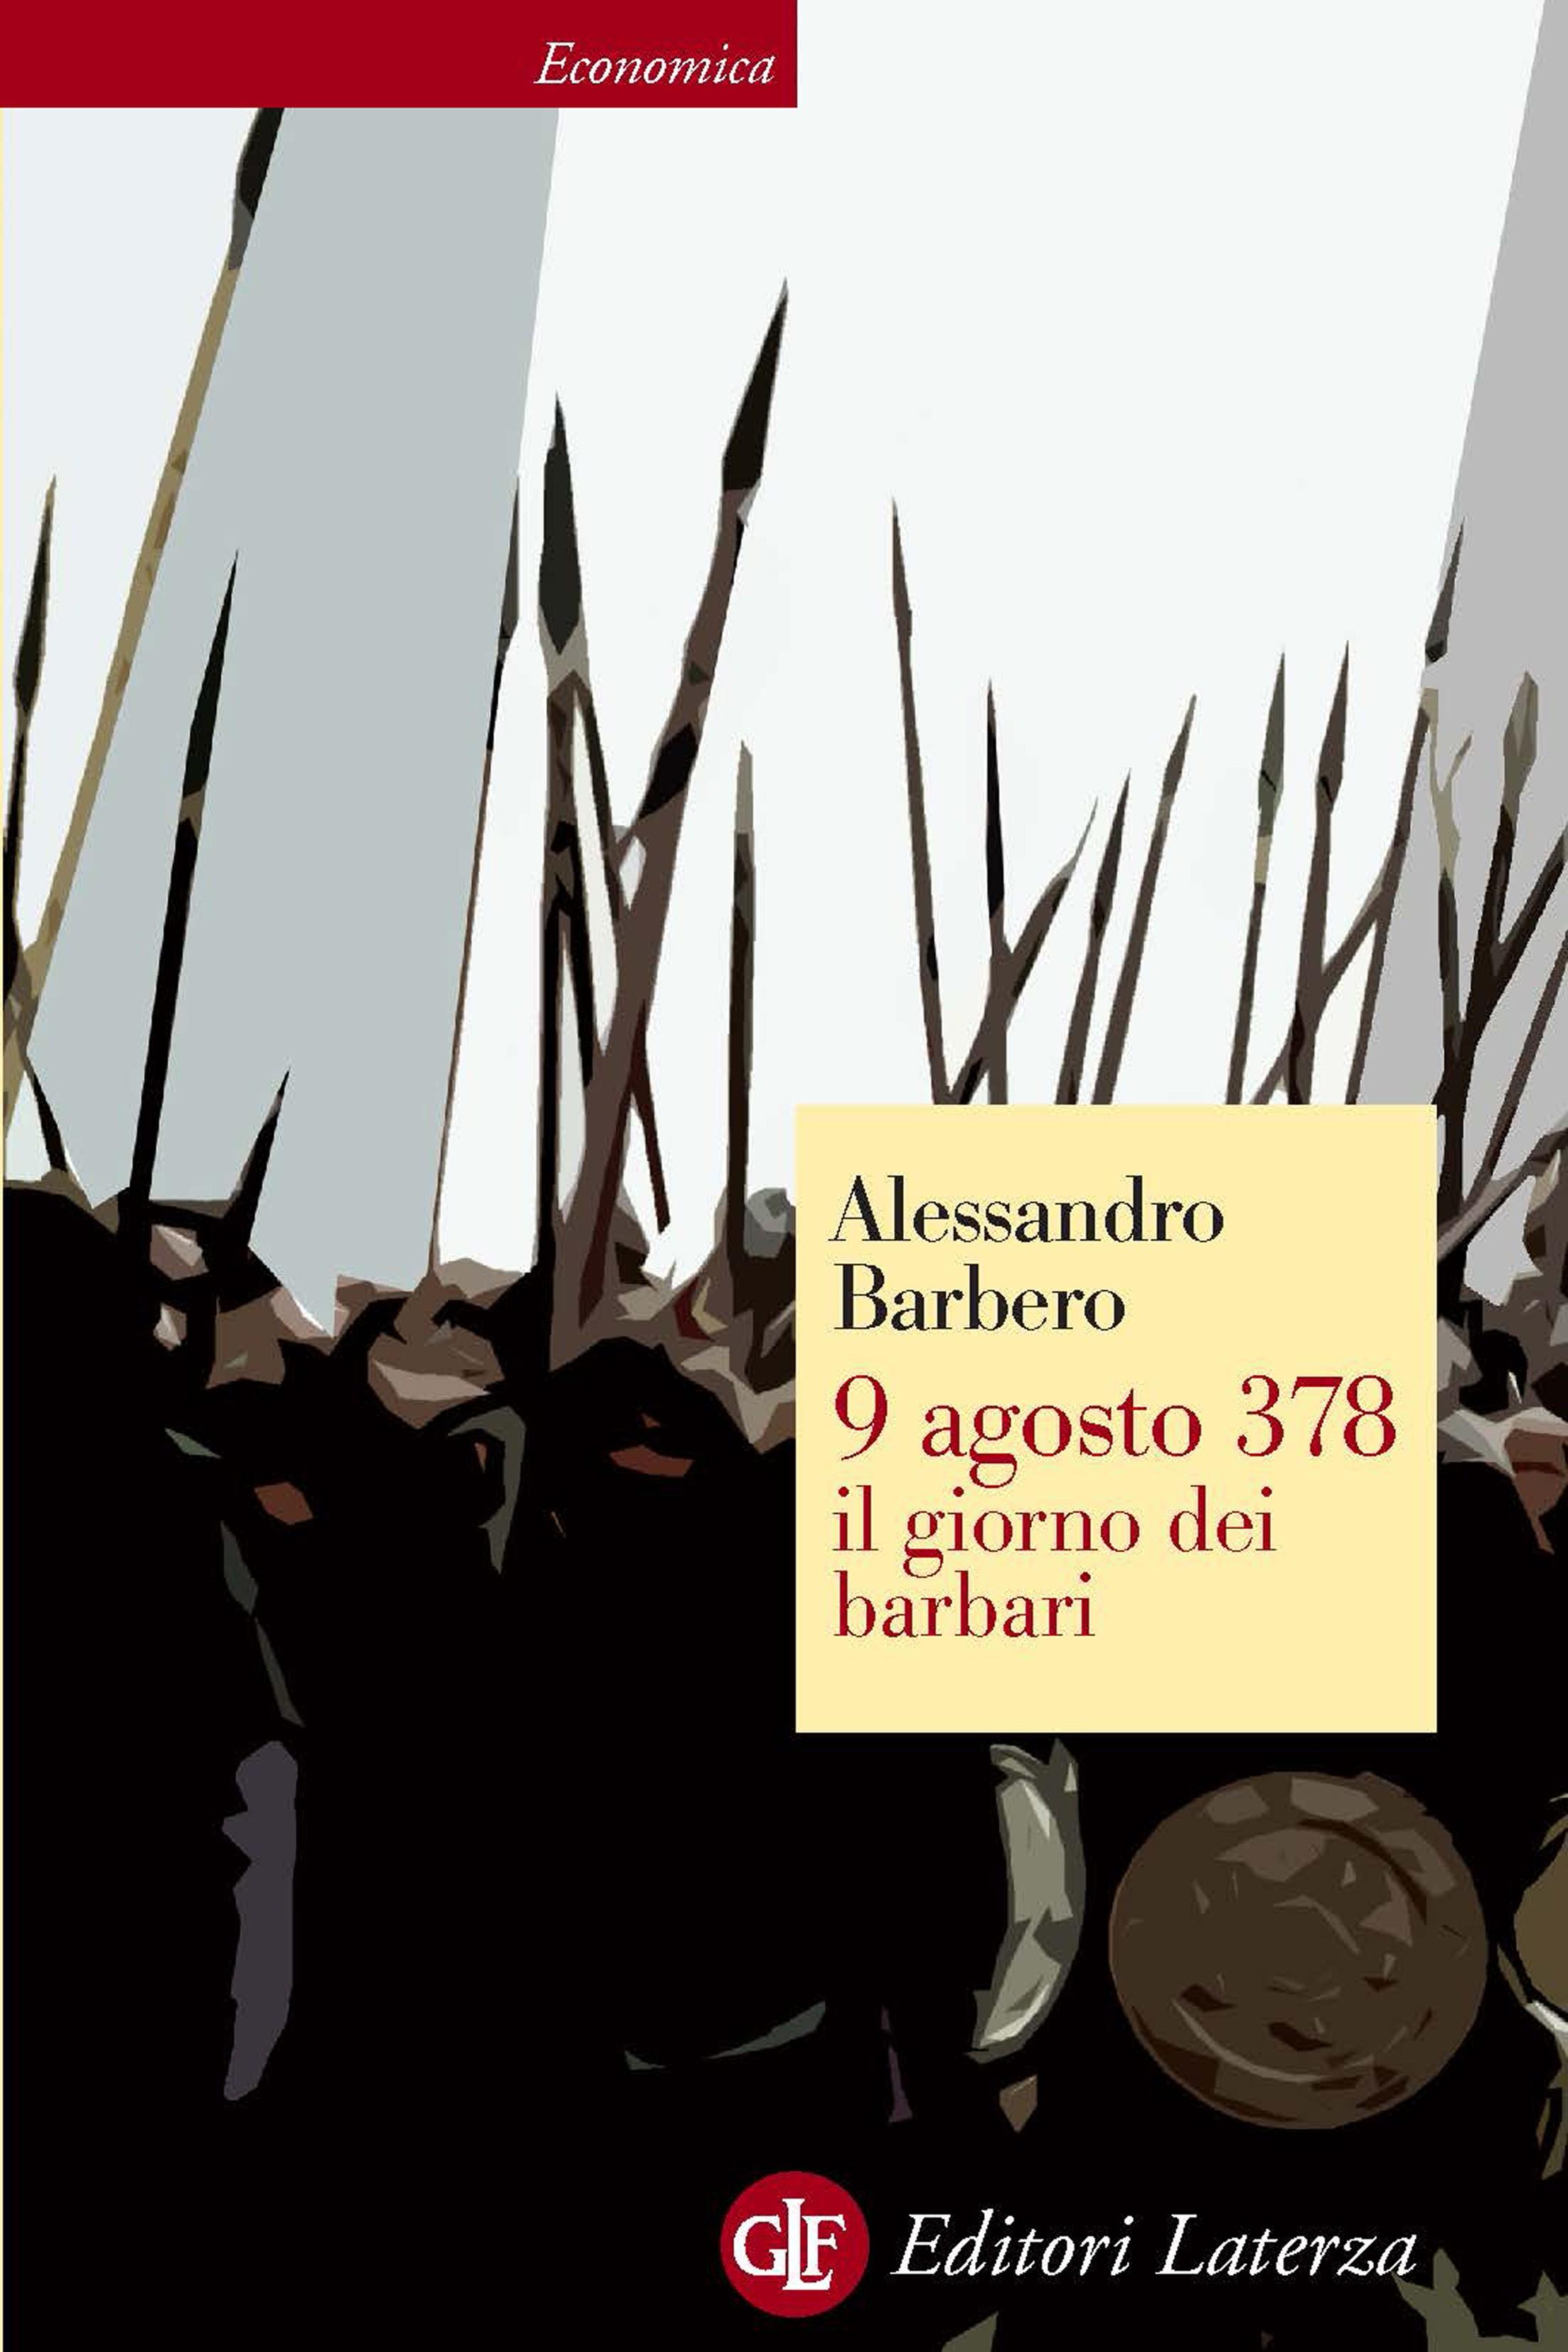 9 agosto 378, il giorno dei barbari